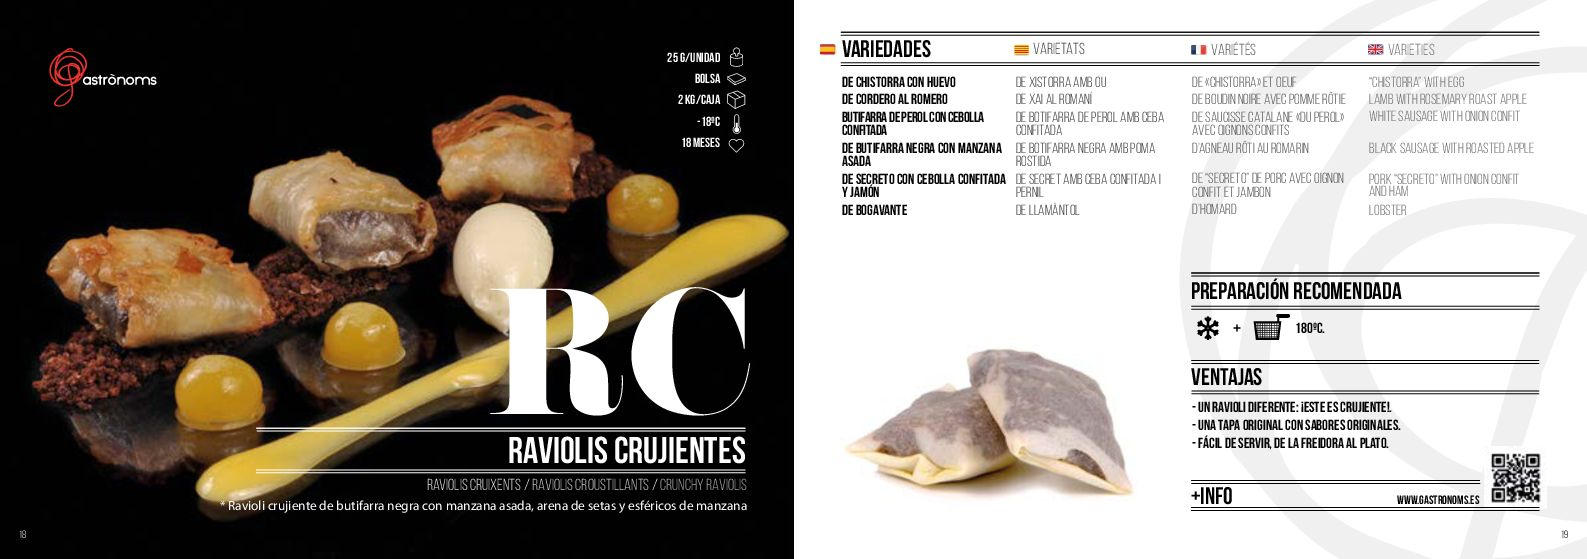 gastronoms - Pàg. 010